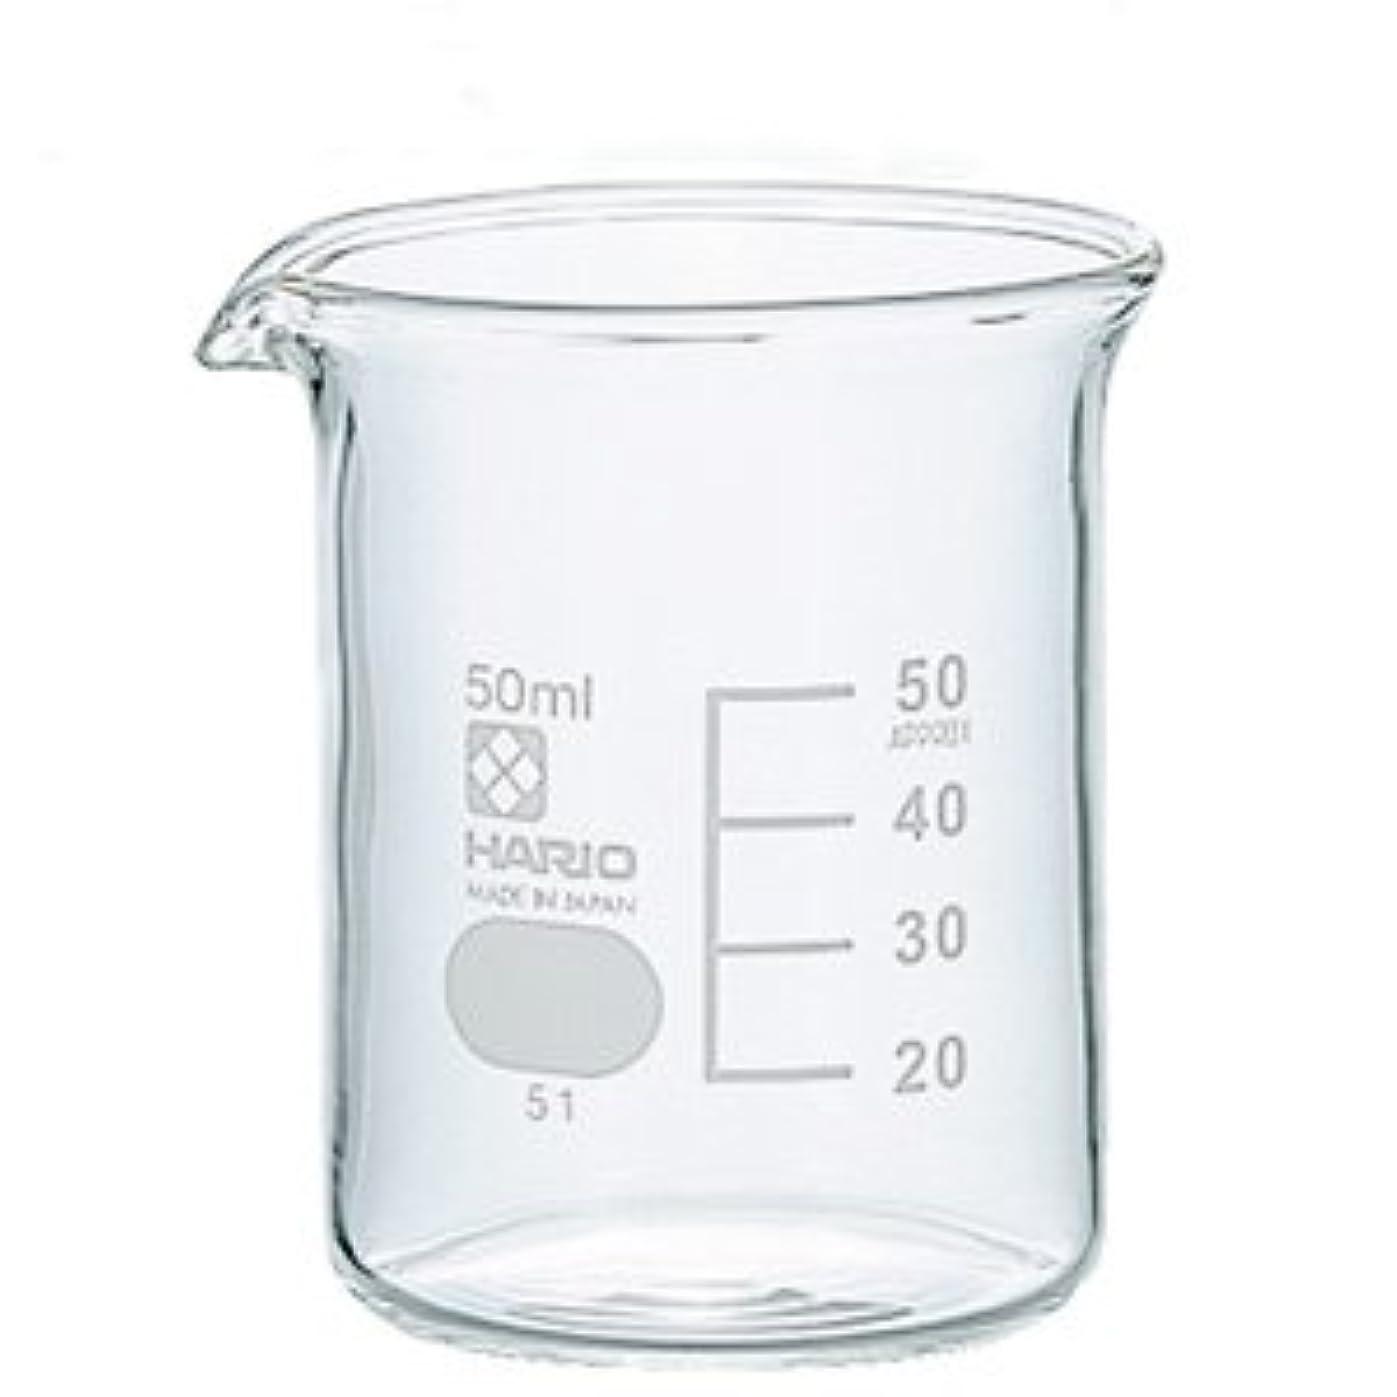 六分儀アスリート置換ガラスビーカー 50ml 【手作り石鹸/手作りコスメ/手作り化粧品】